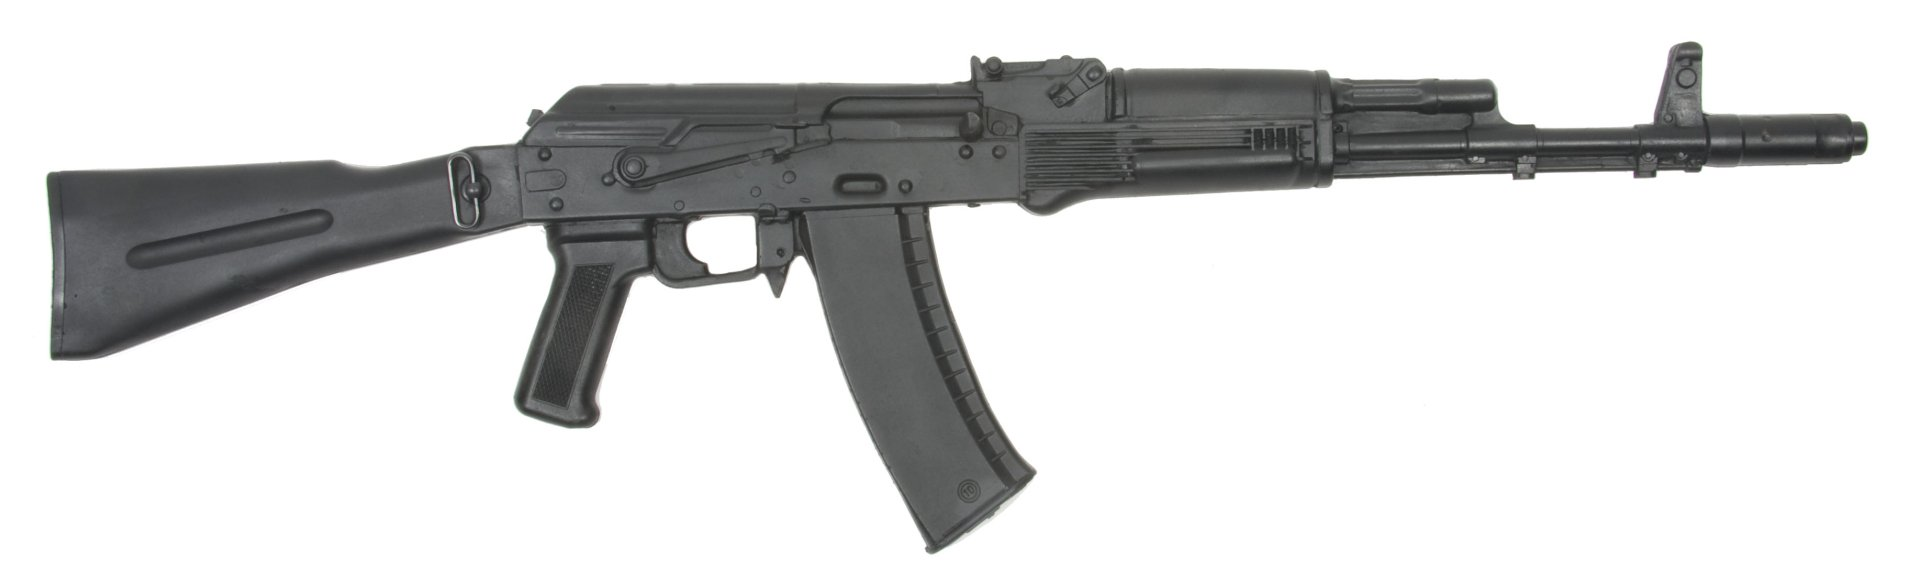 Weapons - AK-47  Wallpaper